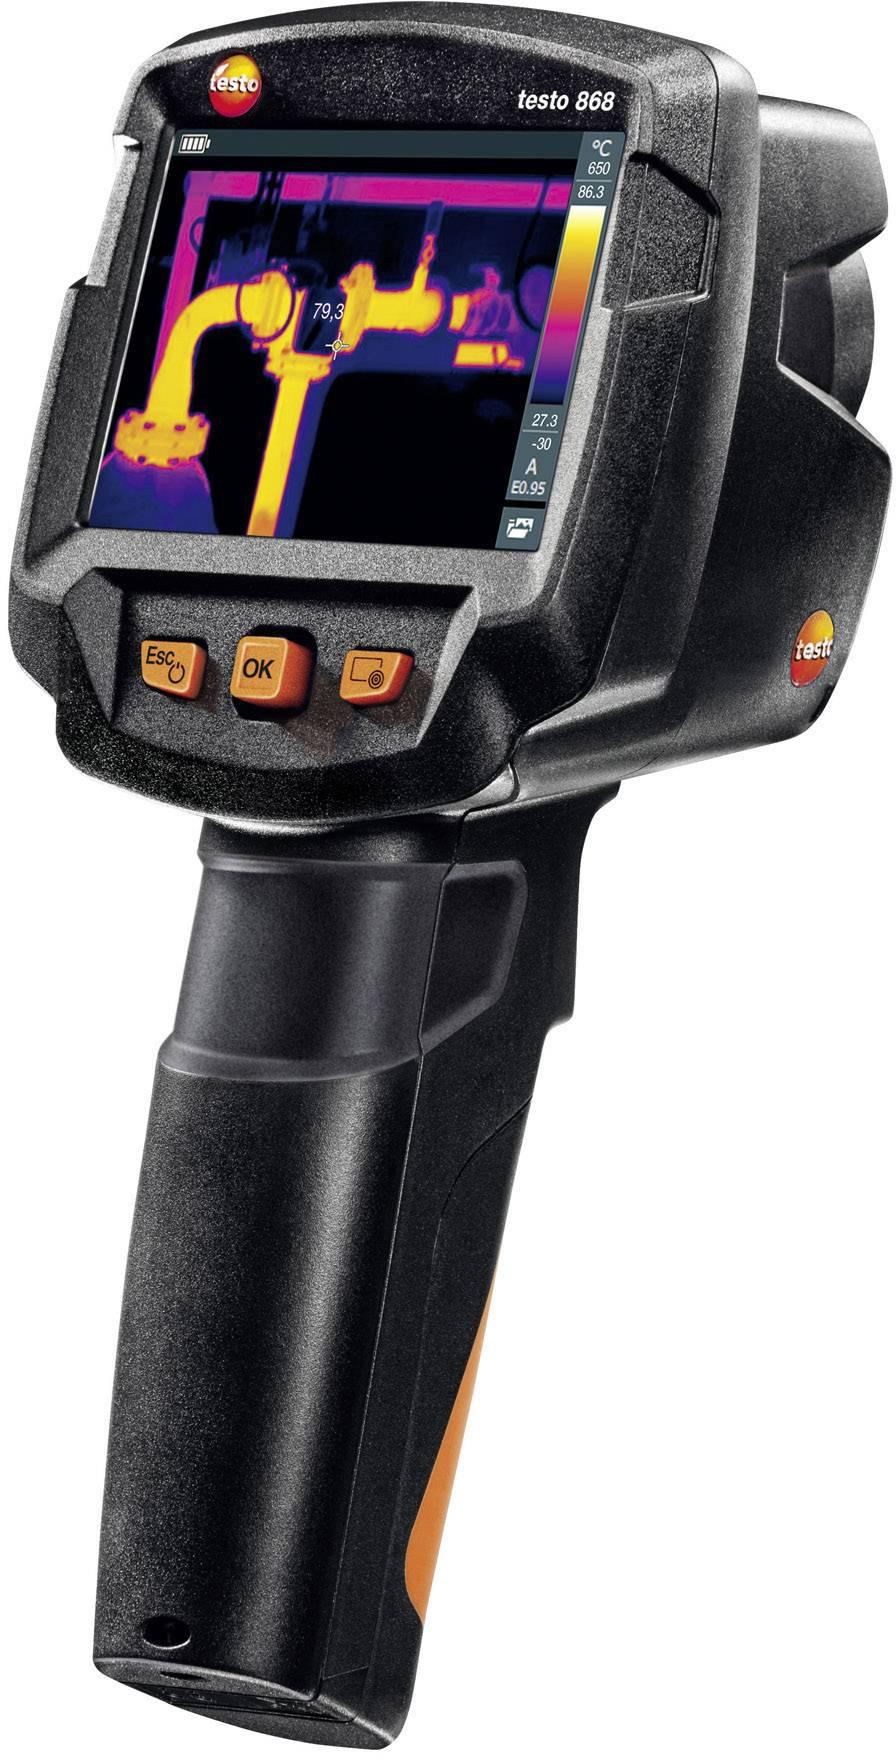 Termálna kamera s bezdrôtovým Wi-Fi modulom testo 868 0560 8681, 160 x 120 pix